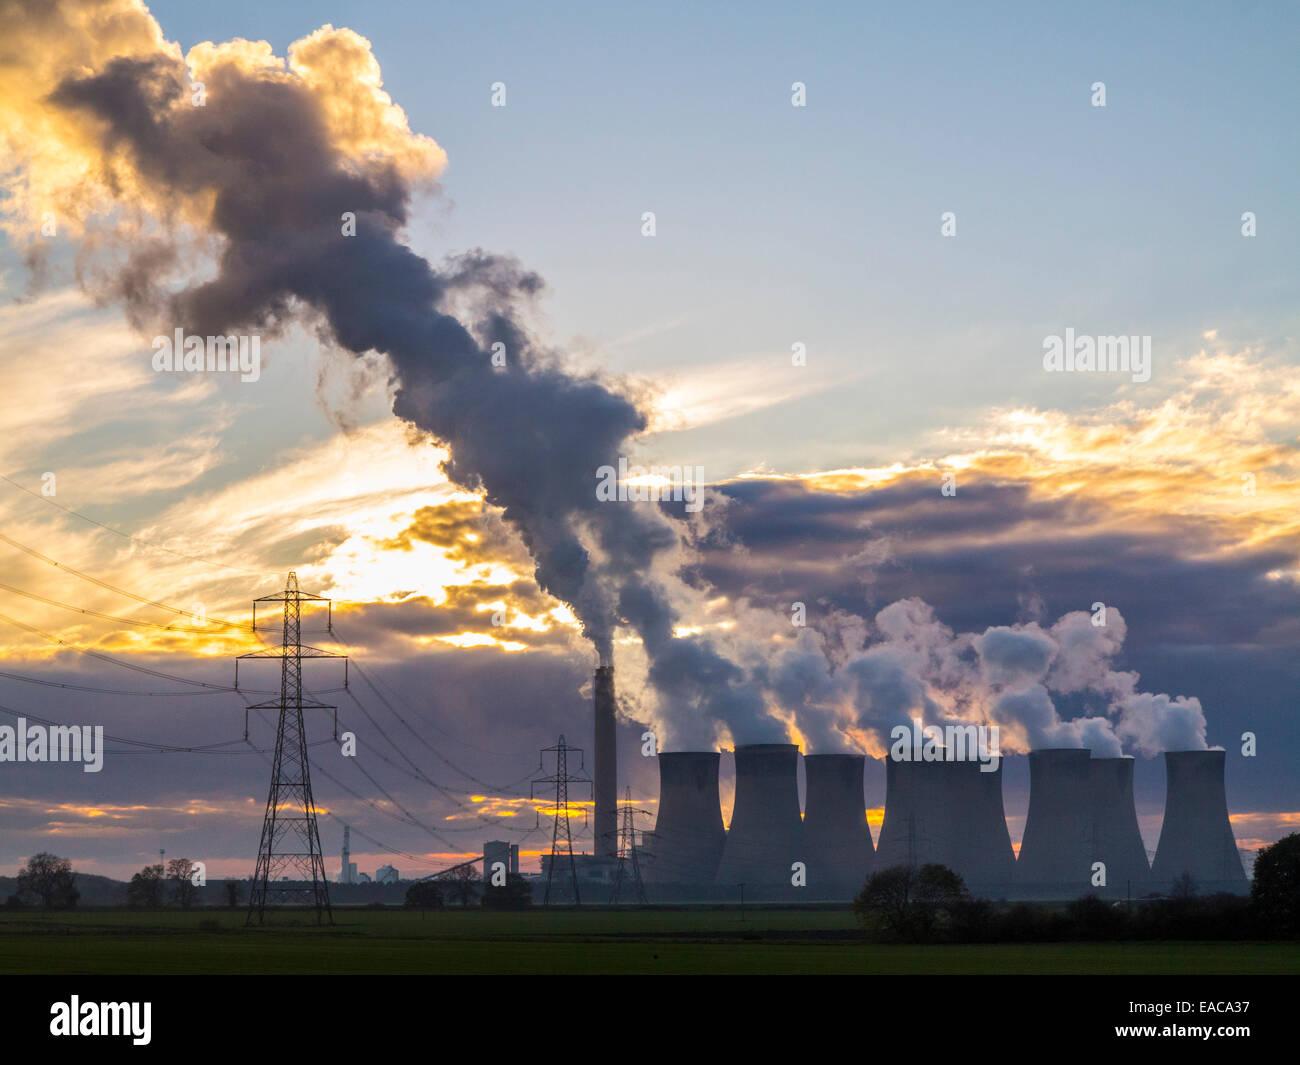 drax-power-station-emits-large-amounts-o